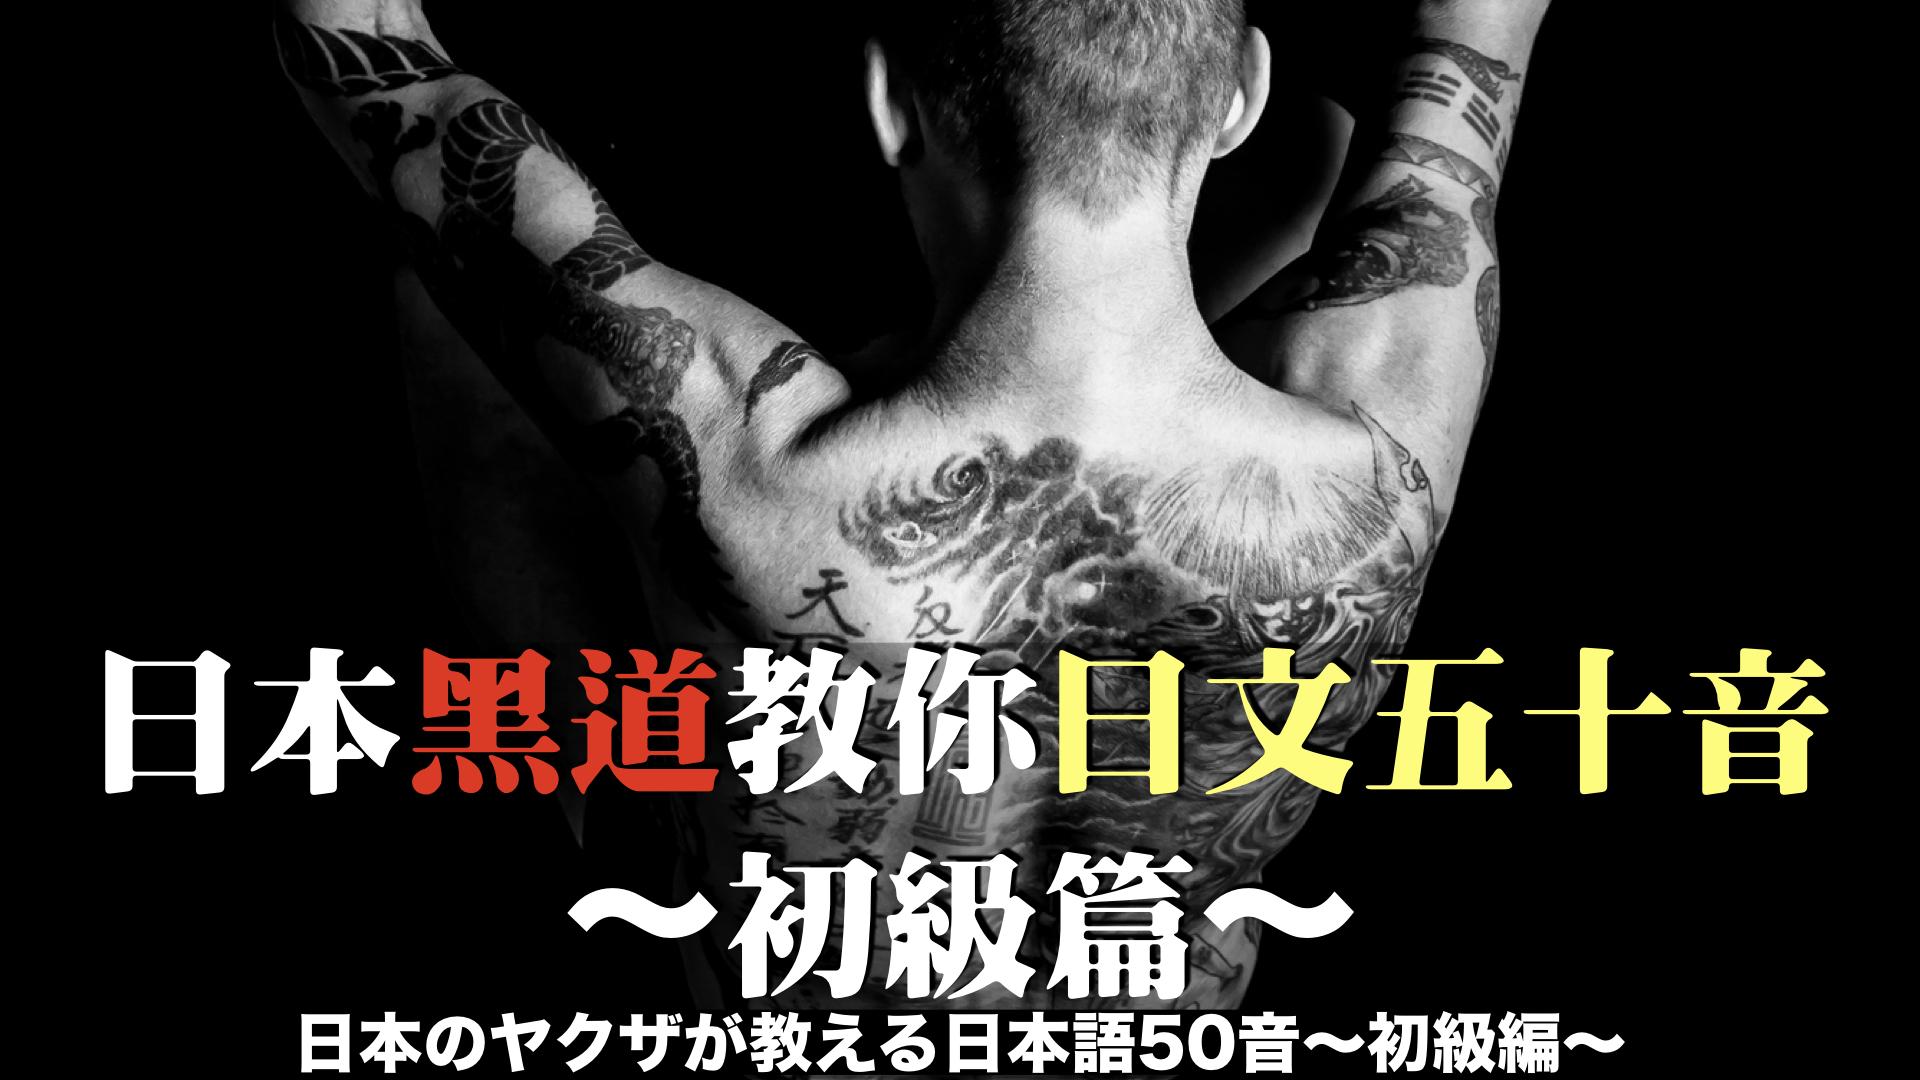 日本黑道教你日文五十音〜初級篇〜/日本のヤクザが教える日本語50音